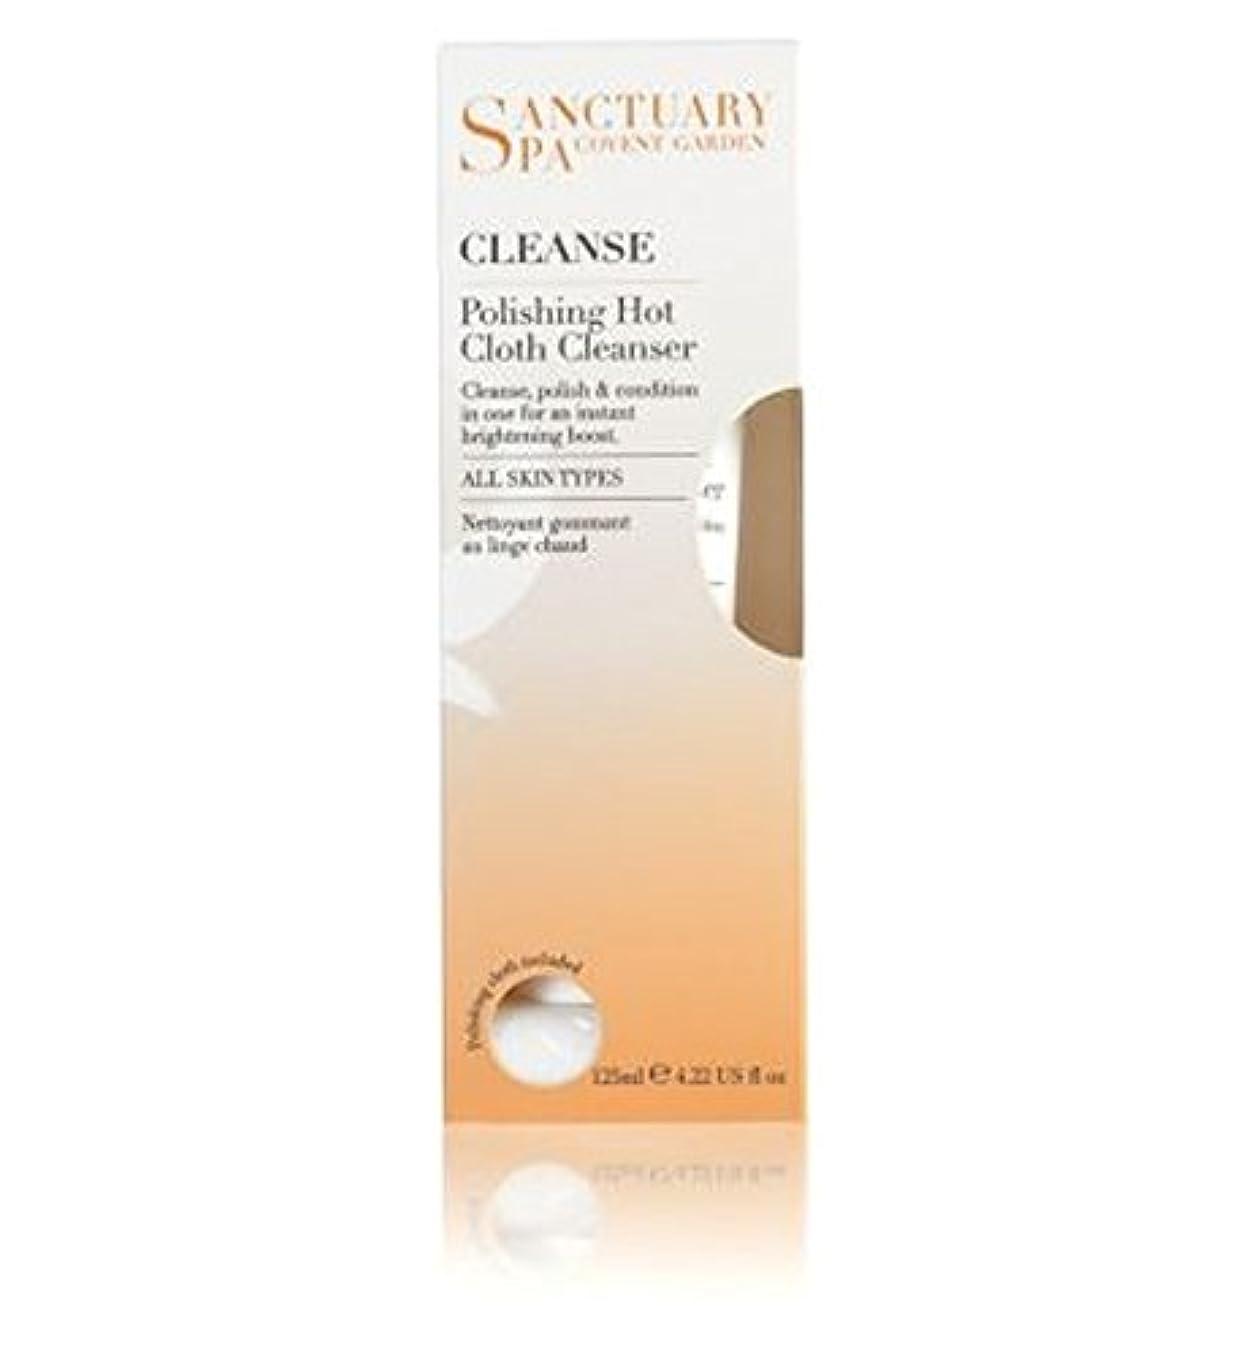 年次軸悪性腫瘍Sanctuary Spa Polishing Hot Cloth Cleanser - 聖域スパ研磨ホット布クレンザー (Sanctuary) [並行輸入品]